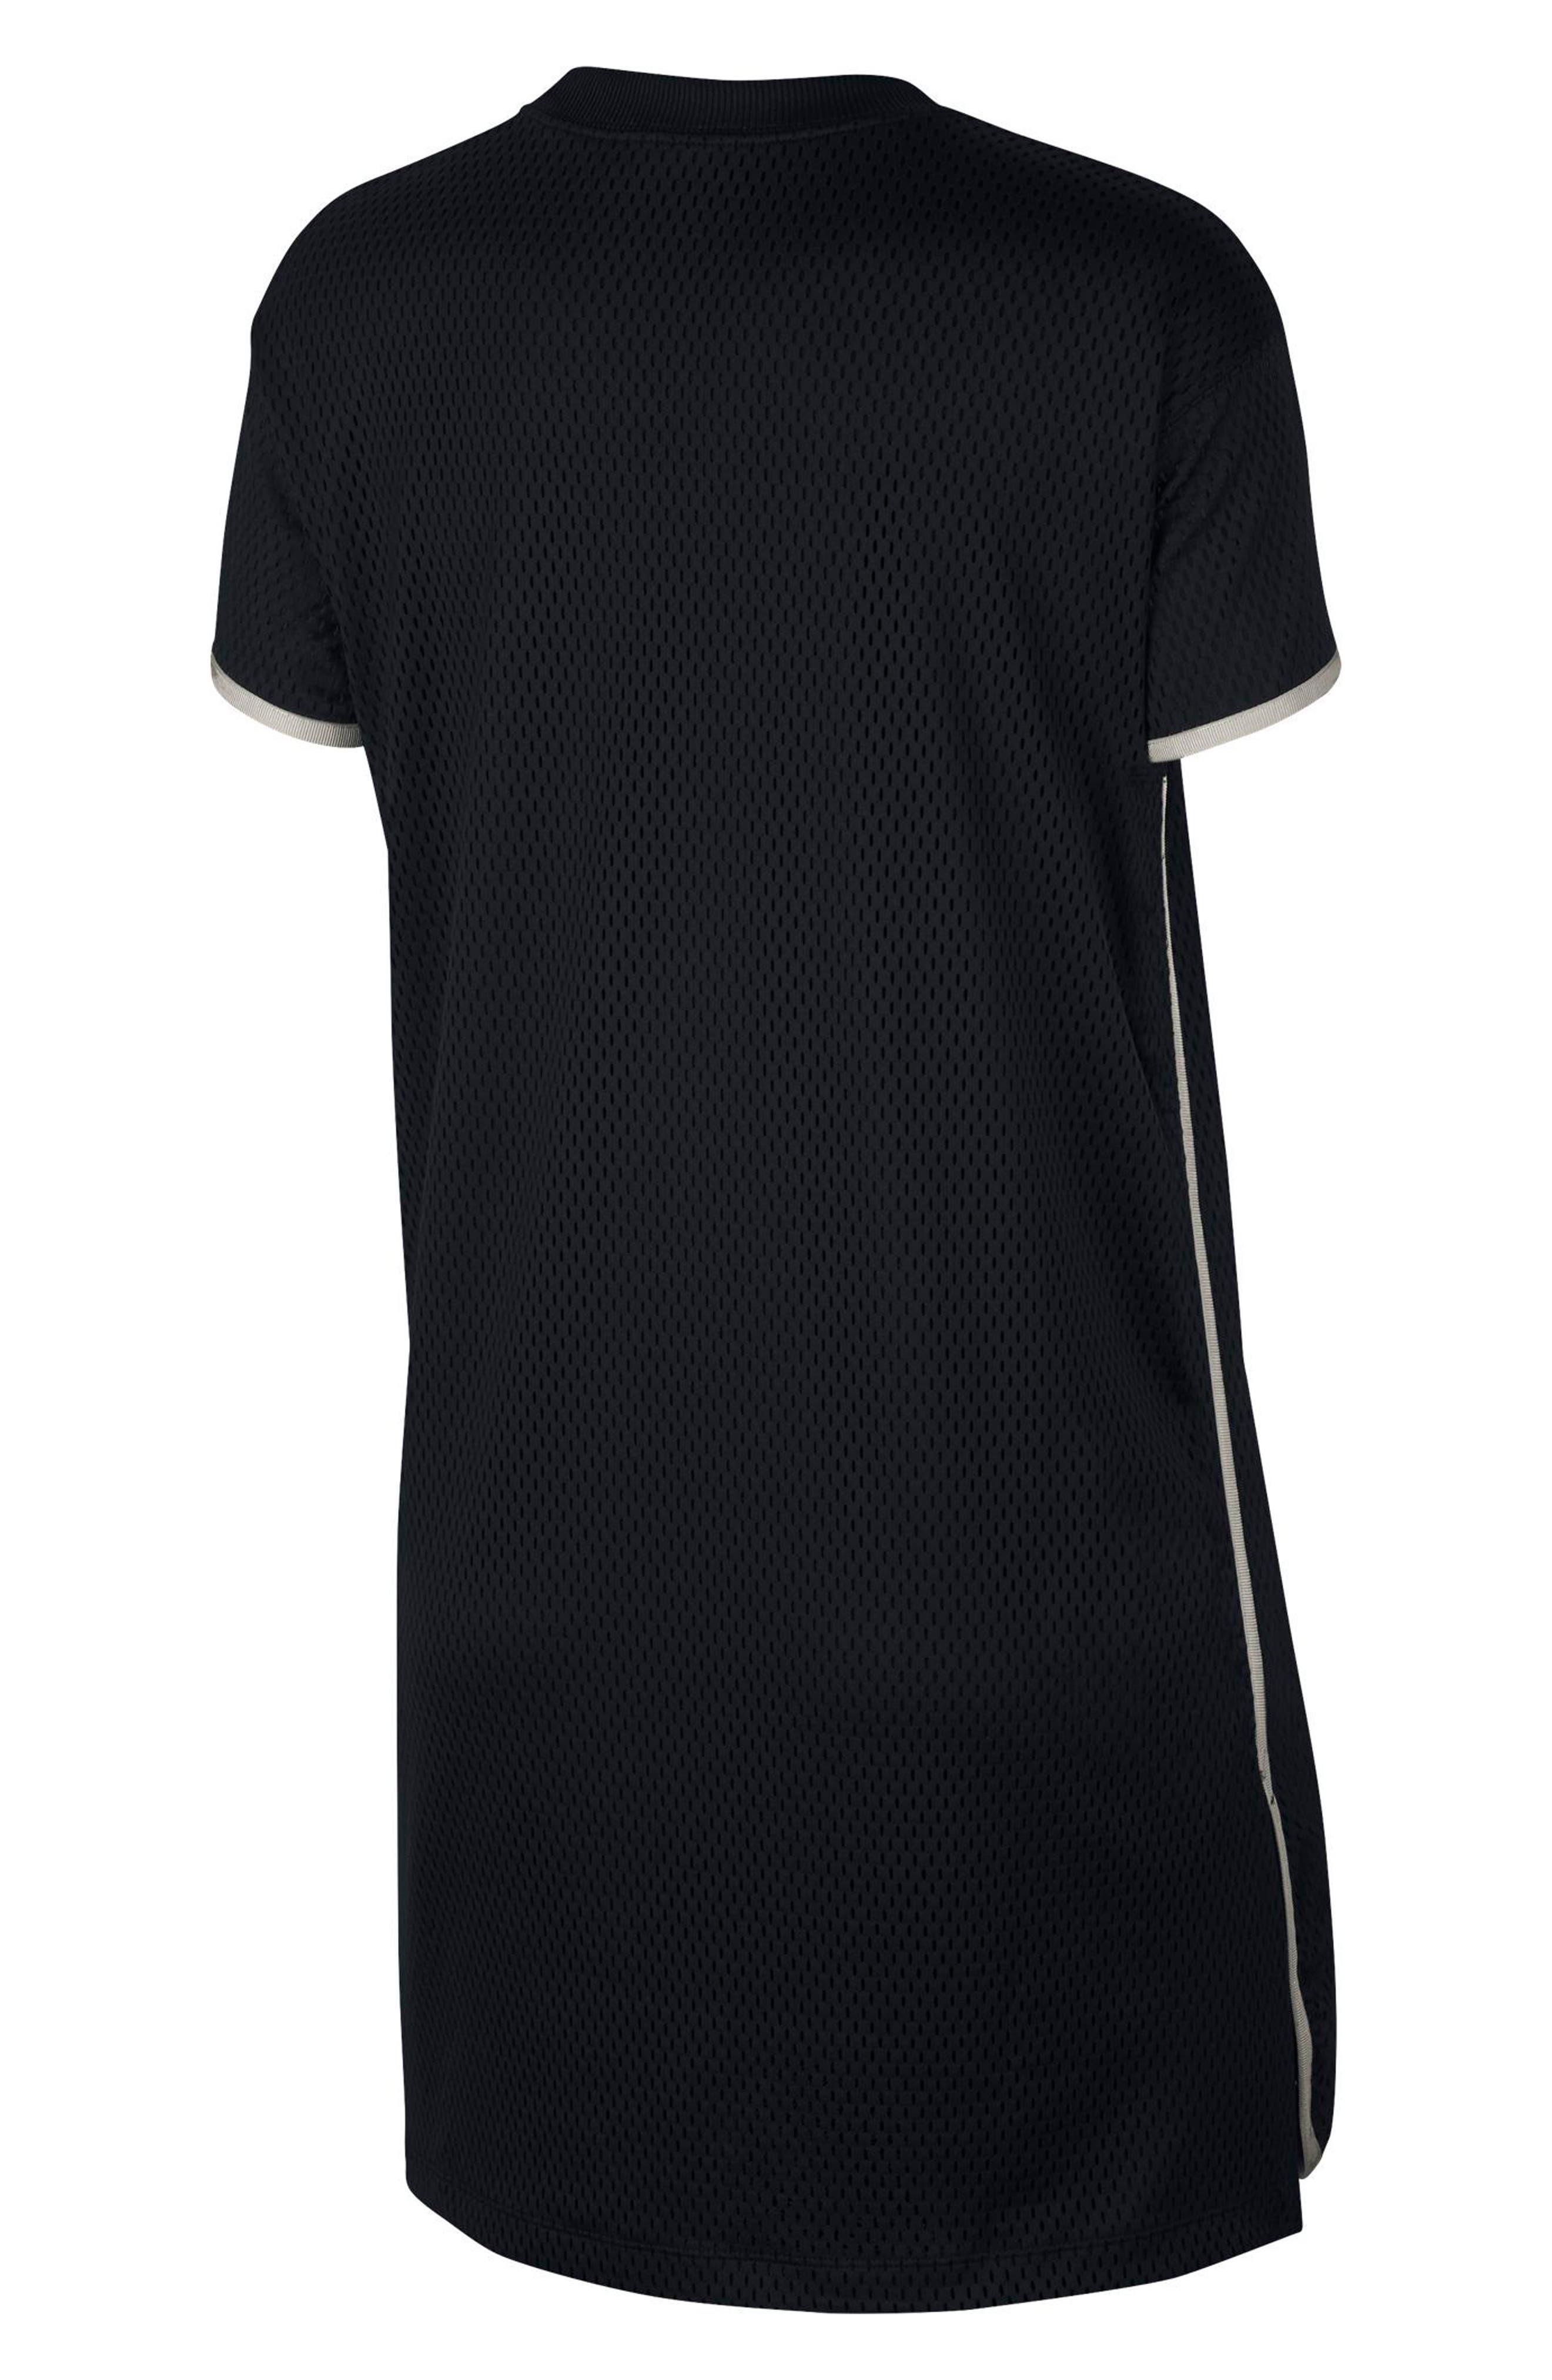 Sportswear Short Sleeve Dri-FIT Mesh T-Shirt Dress,                             Alternate thumbnail 2, color,                             Black/ Light Bone